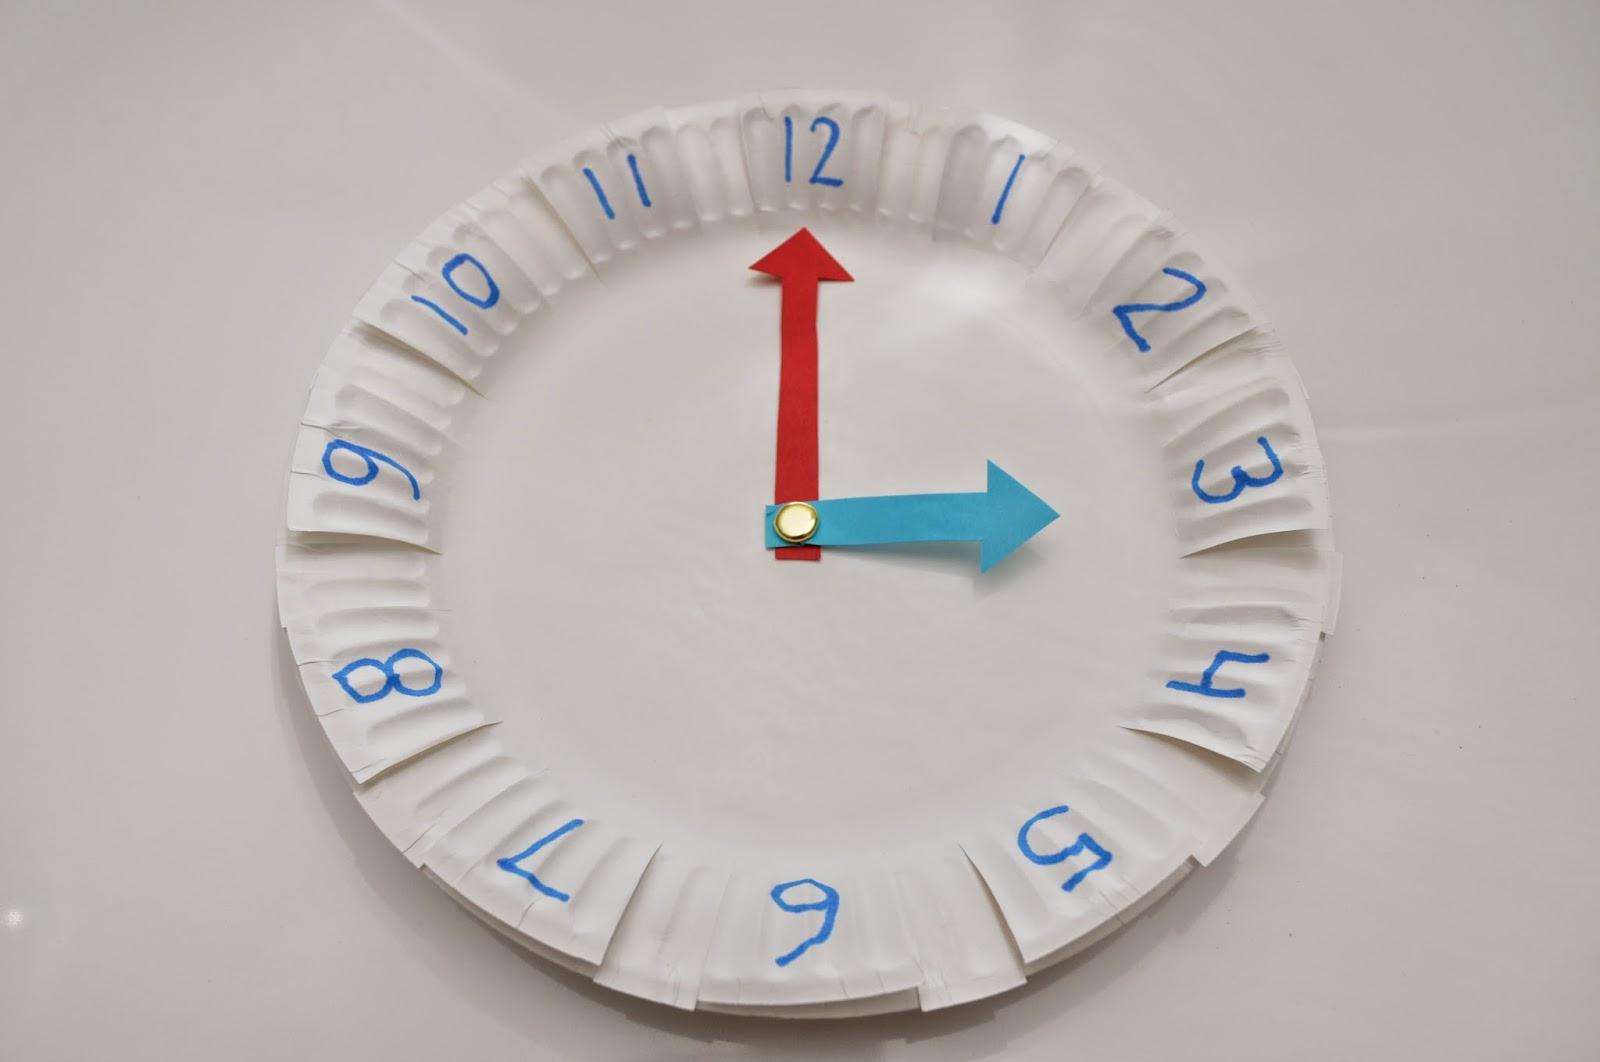 Kalbs & Yules: Random DIY teaching clock!